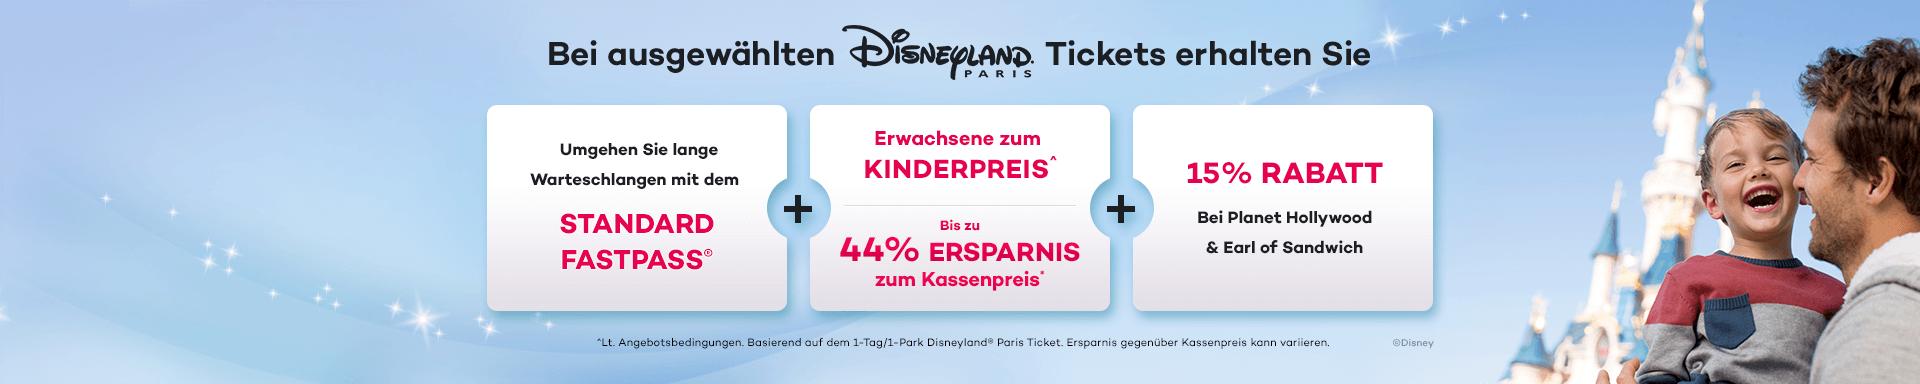 Sparen Sie bis zu 44% beim Kauf Ihres Disneyland Paris Tickets